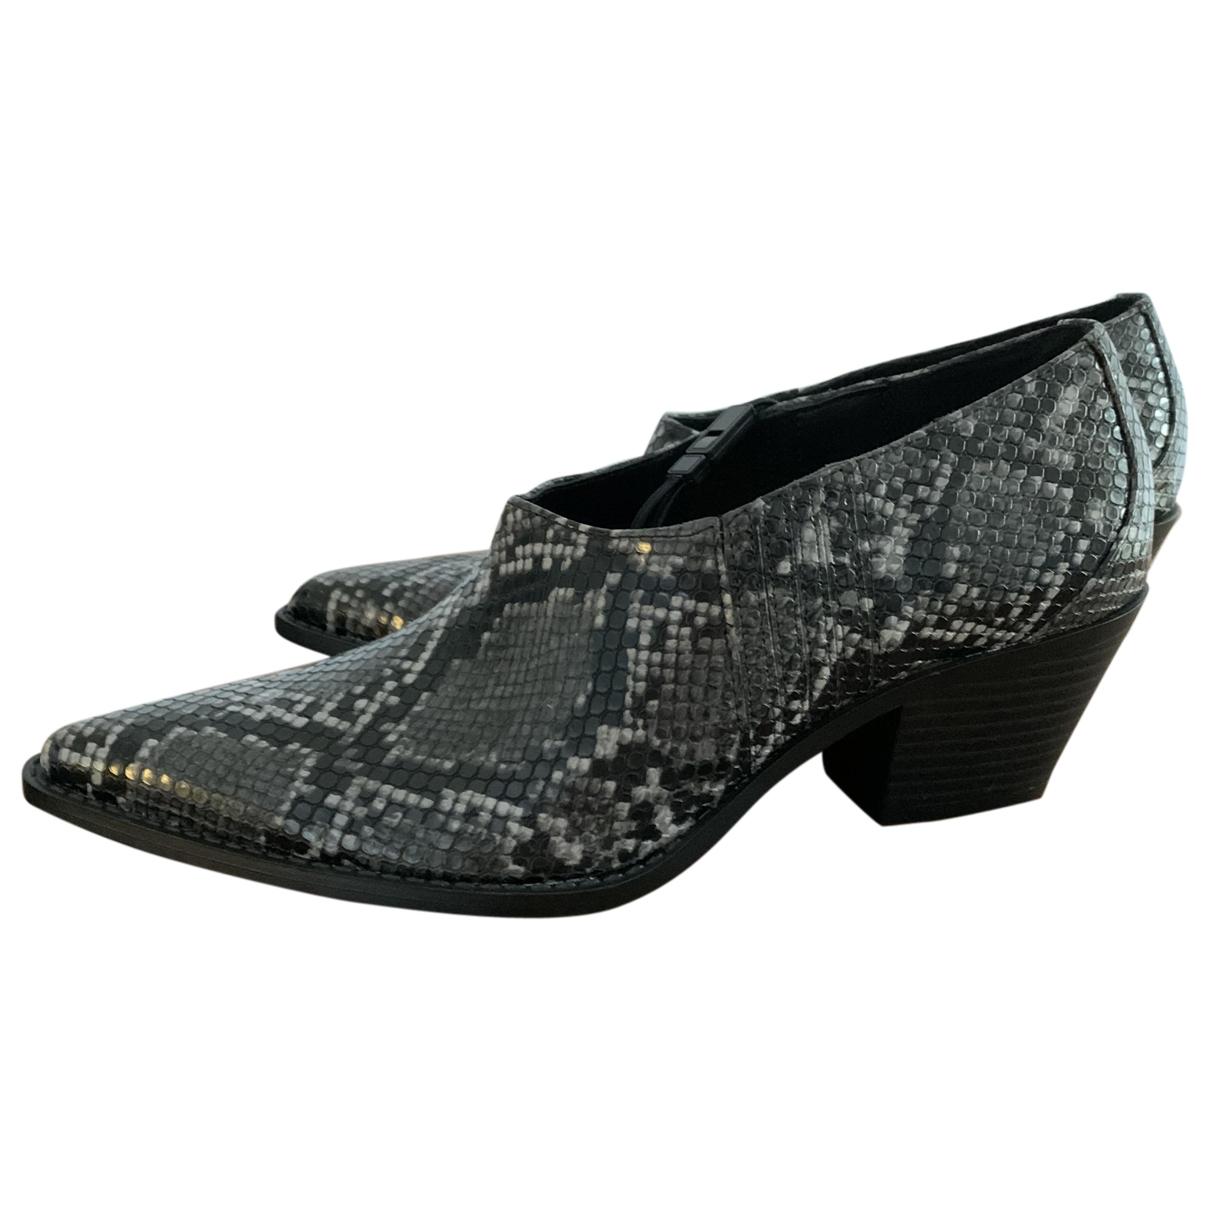 Zara - Boots   pour femme en cuir verni - gris